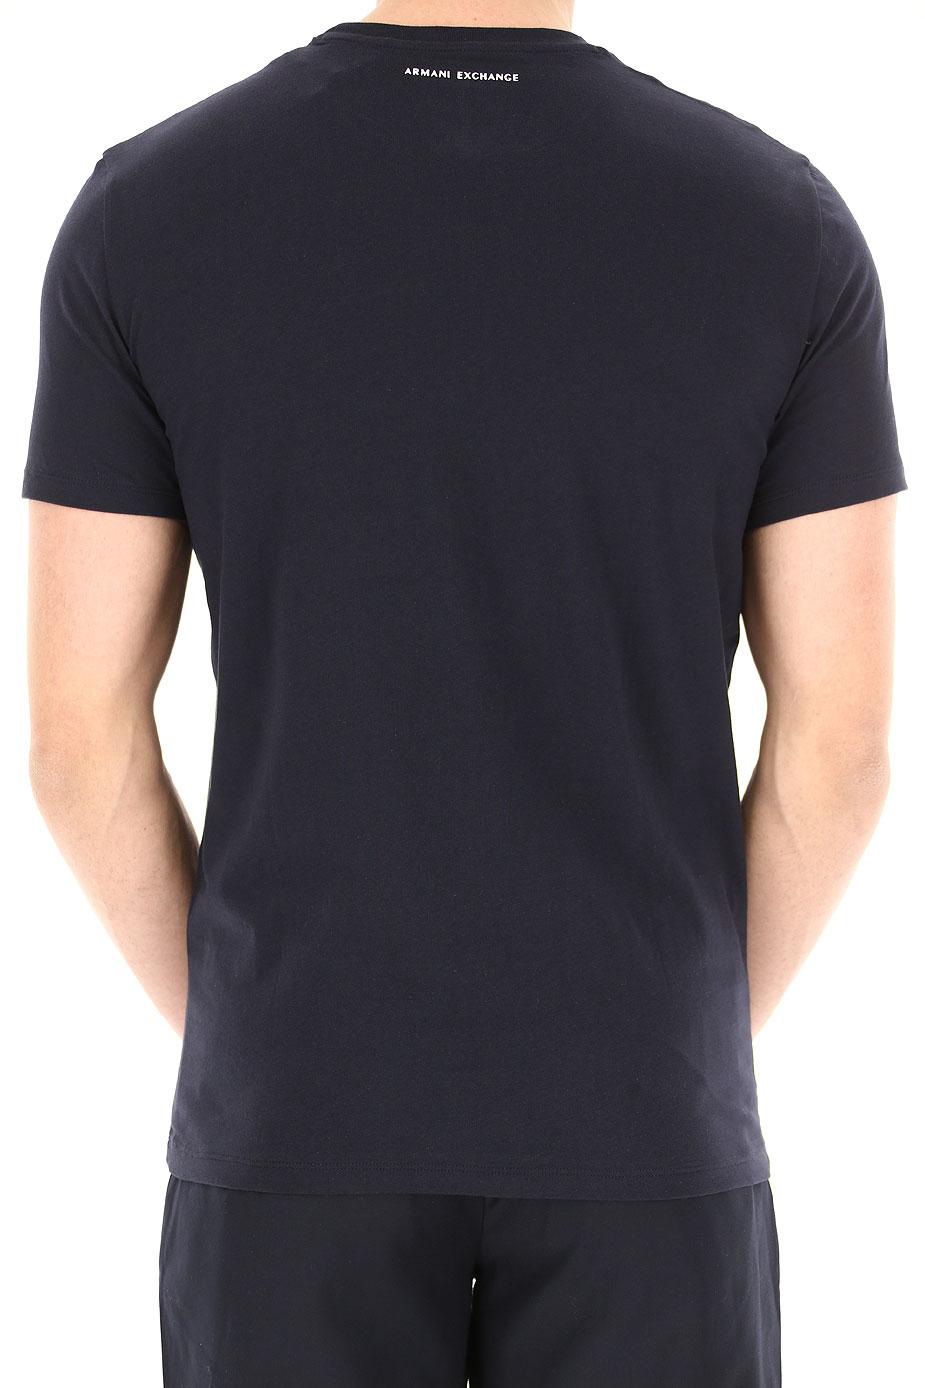 Abbigliamento Uomo Emporio Armani, Codice Articolo: 3zztbb-zjh4z-1510